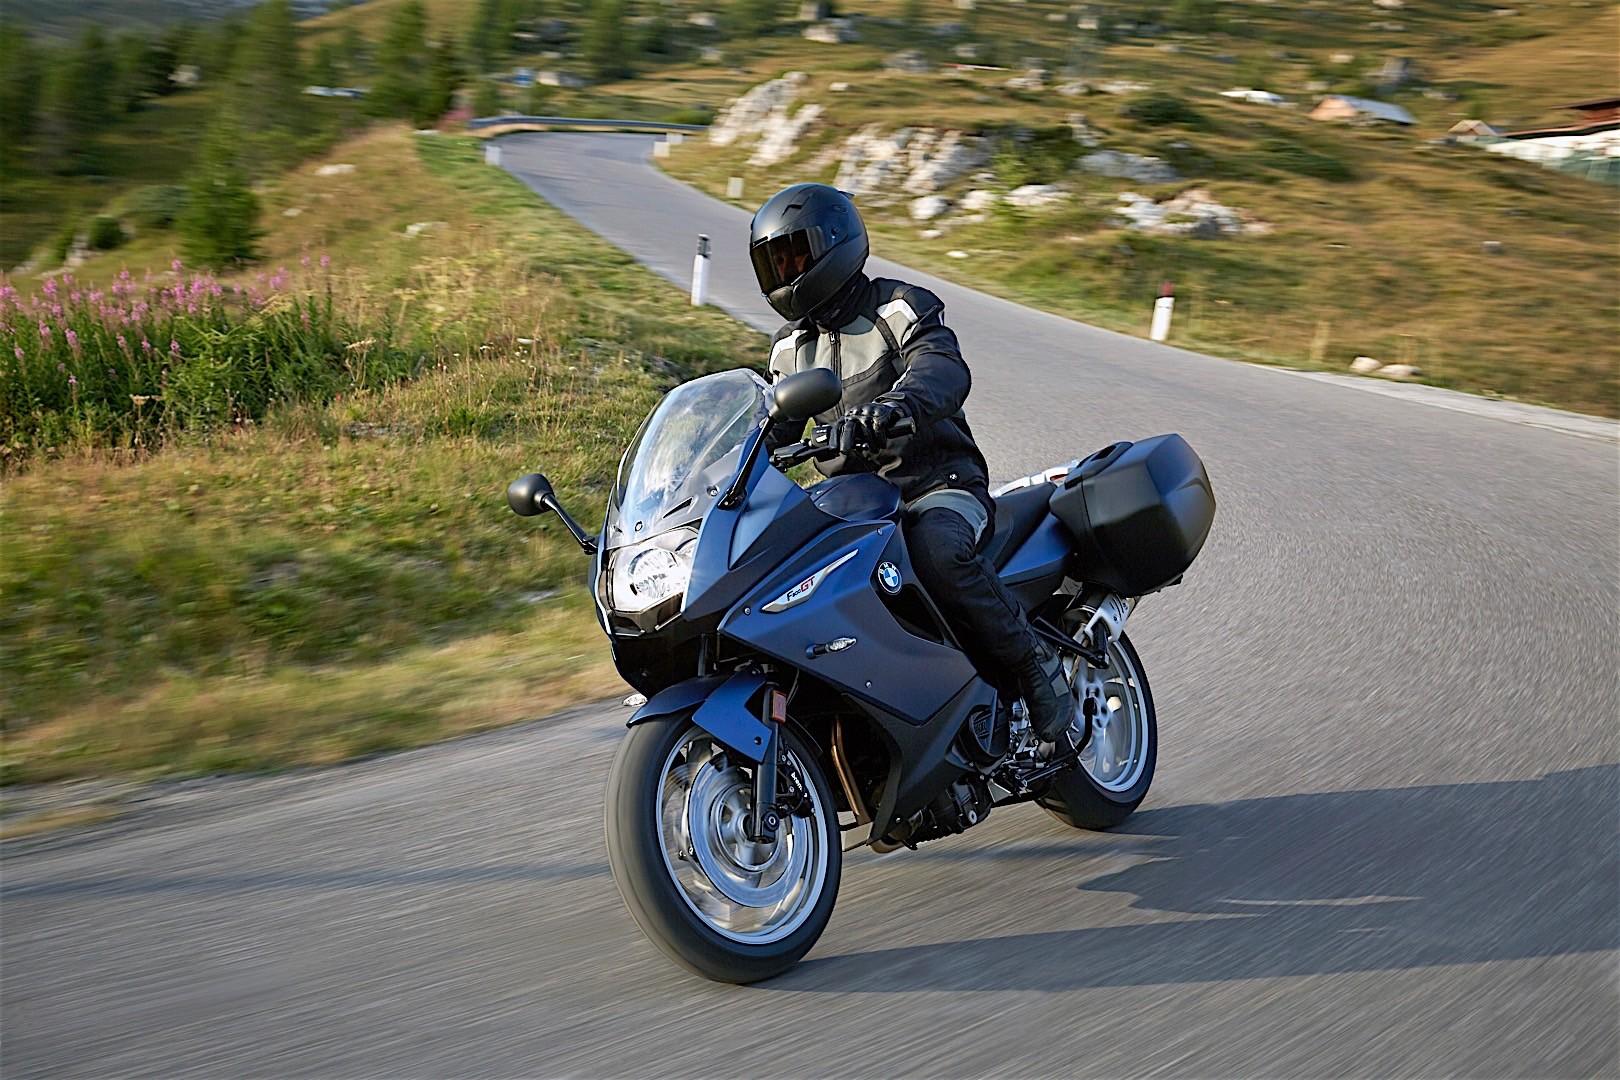 назначение эксплуатация фото на мотоцикле бмв в селе симпатичная конструкция наборного